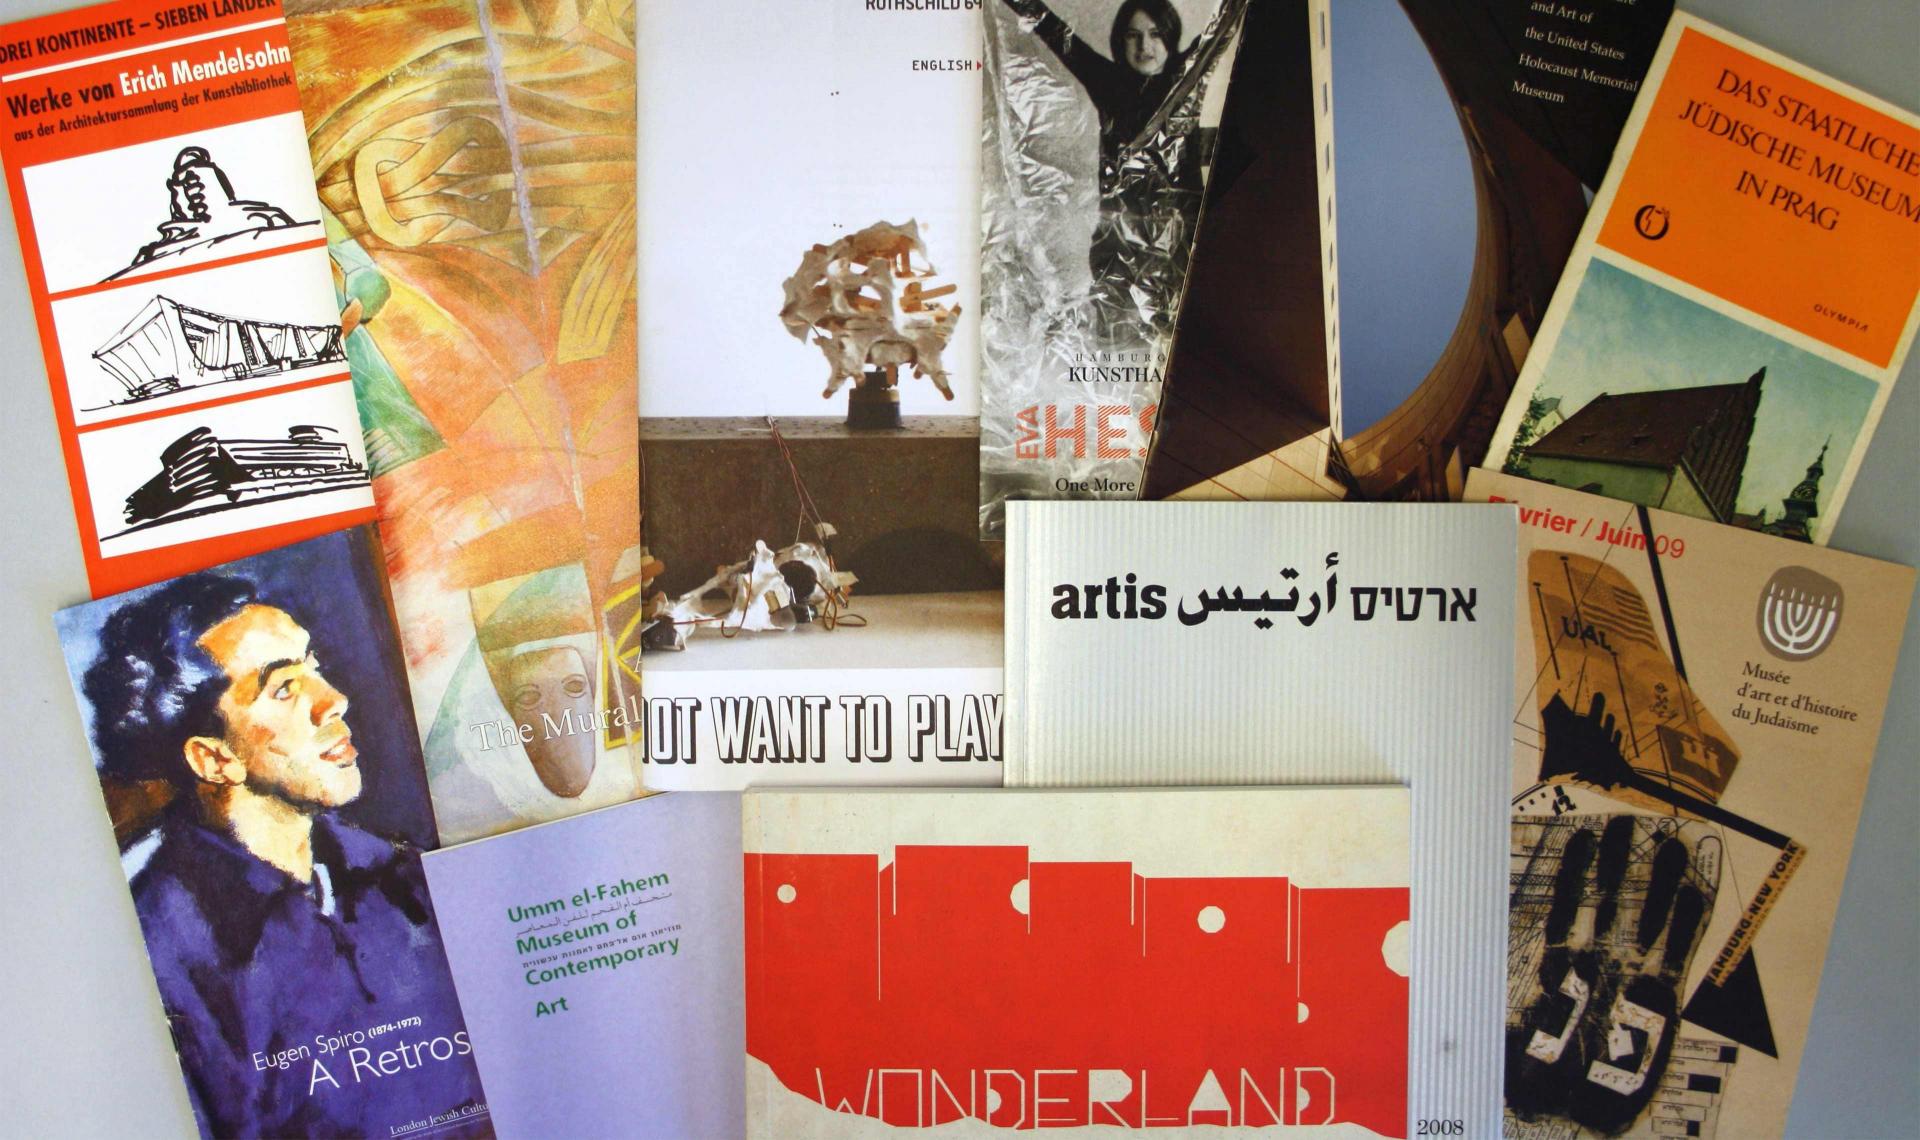 Verschiedene Broschüren und Museumsflyer zur jüdischen Kunst